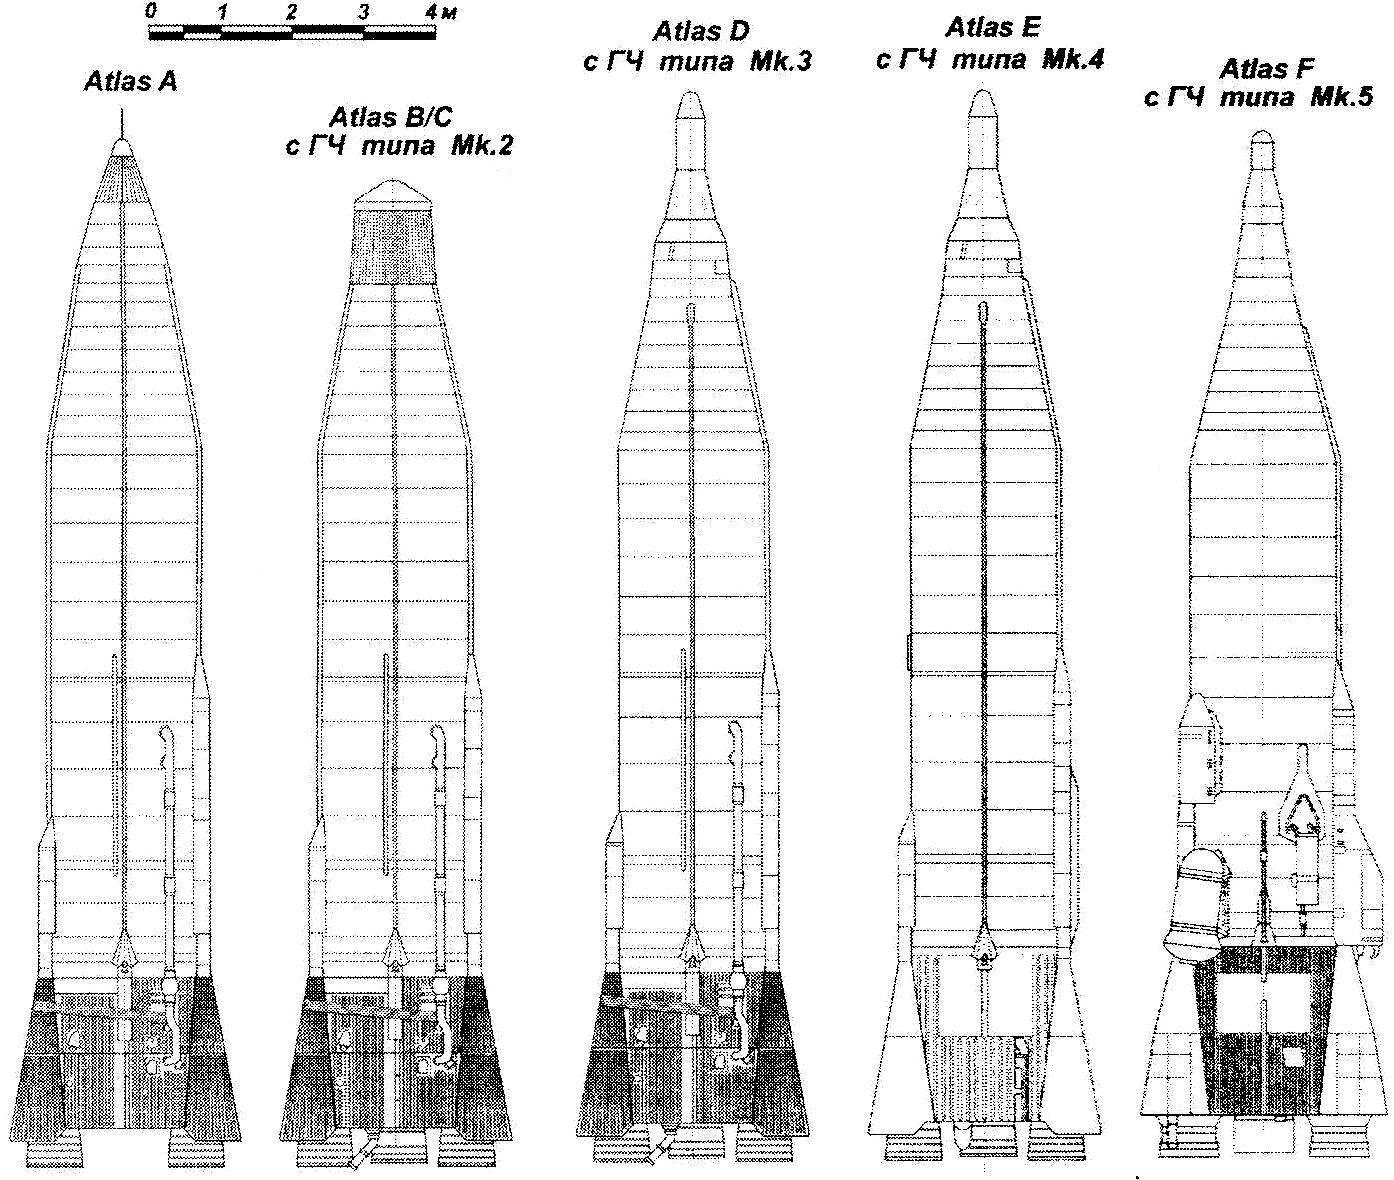 Межконтинентальные баллистические ракеты Atlas